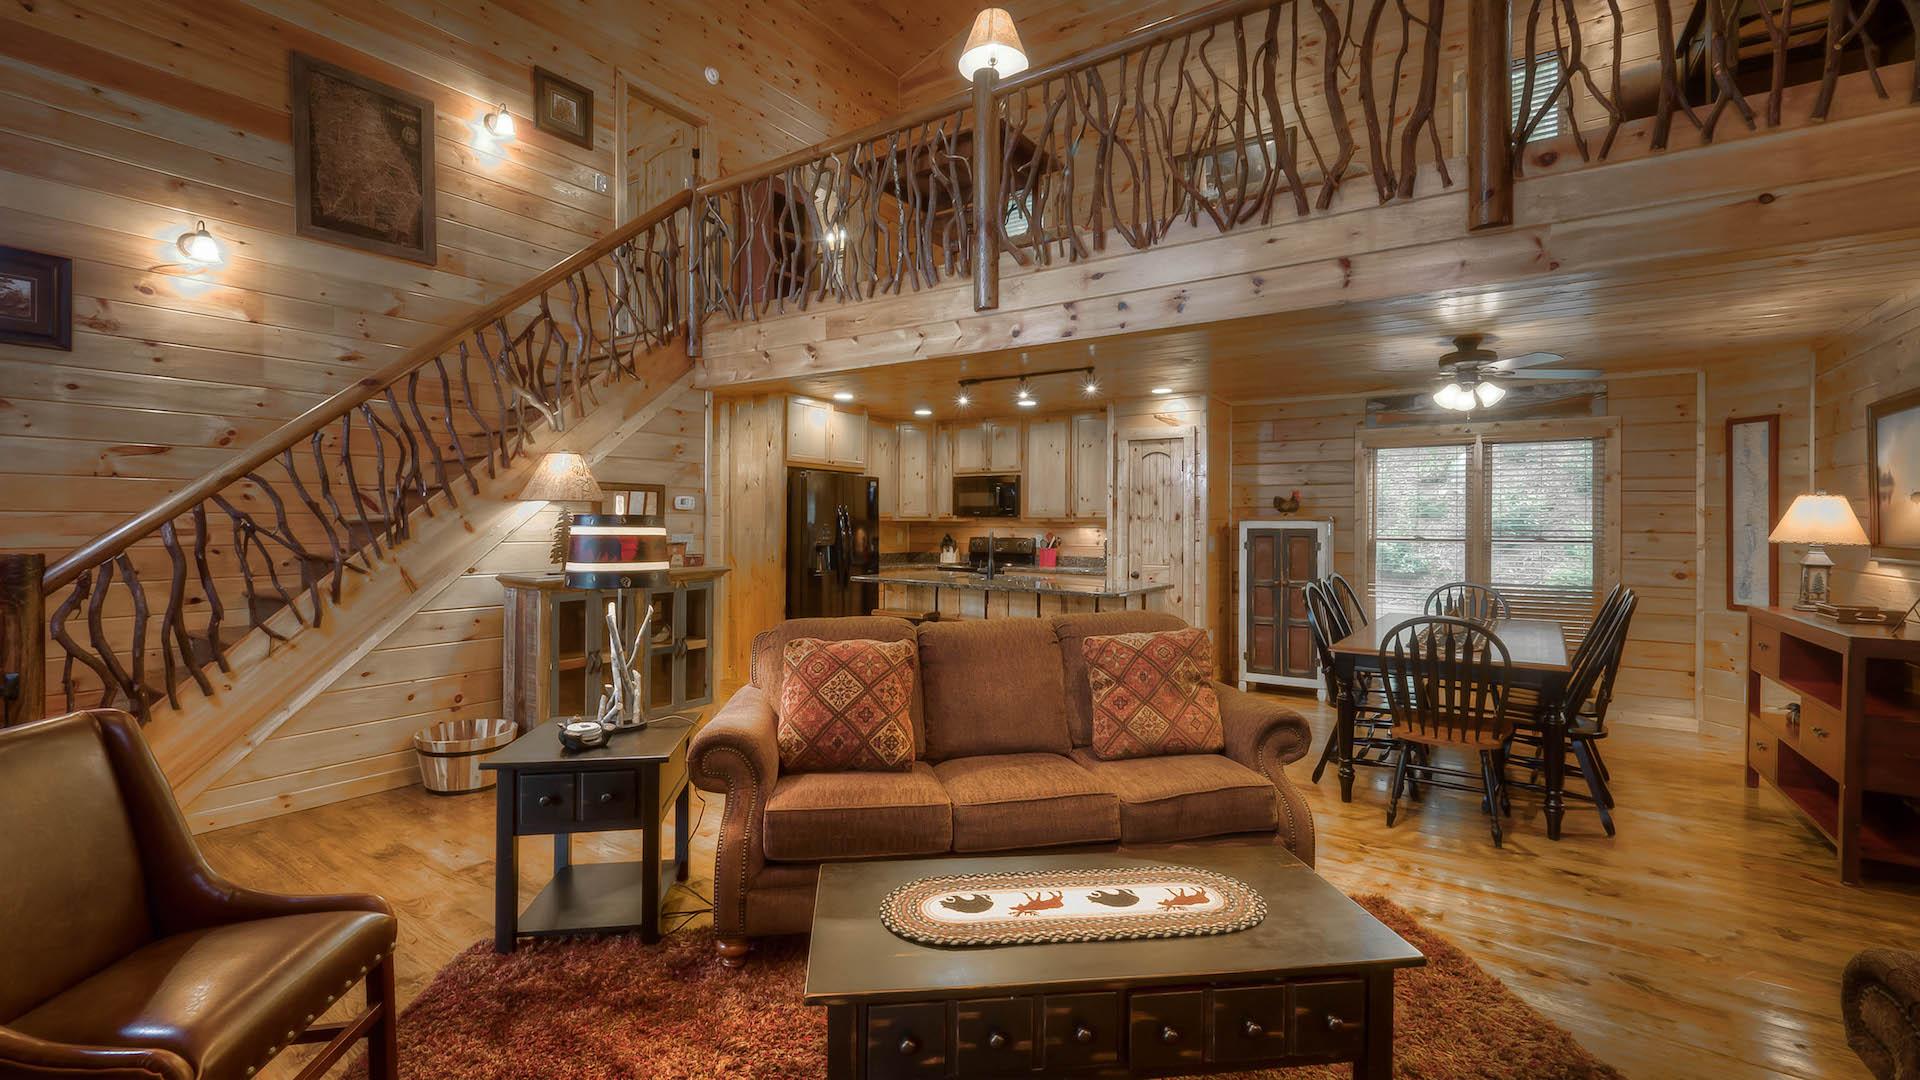 1 Bedroom Cabin Rentals In Georgia Download Cabin 1